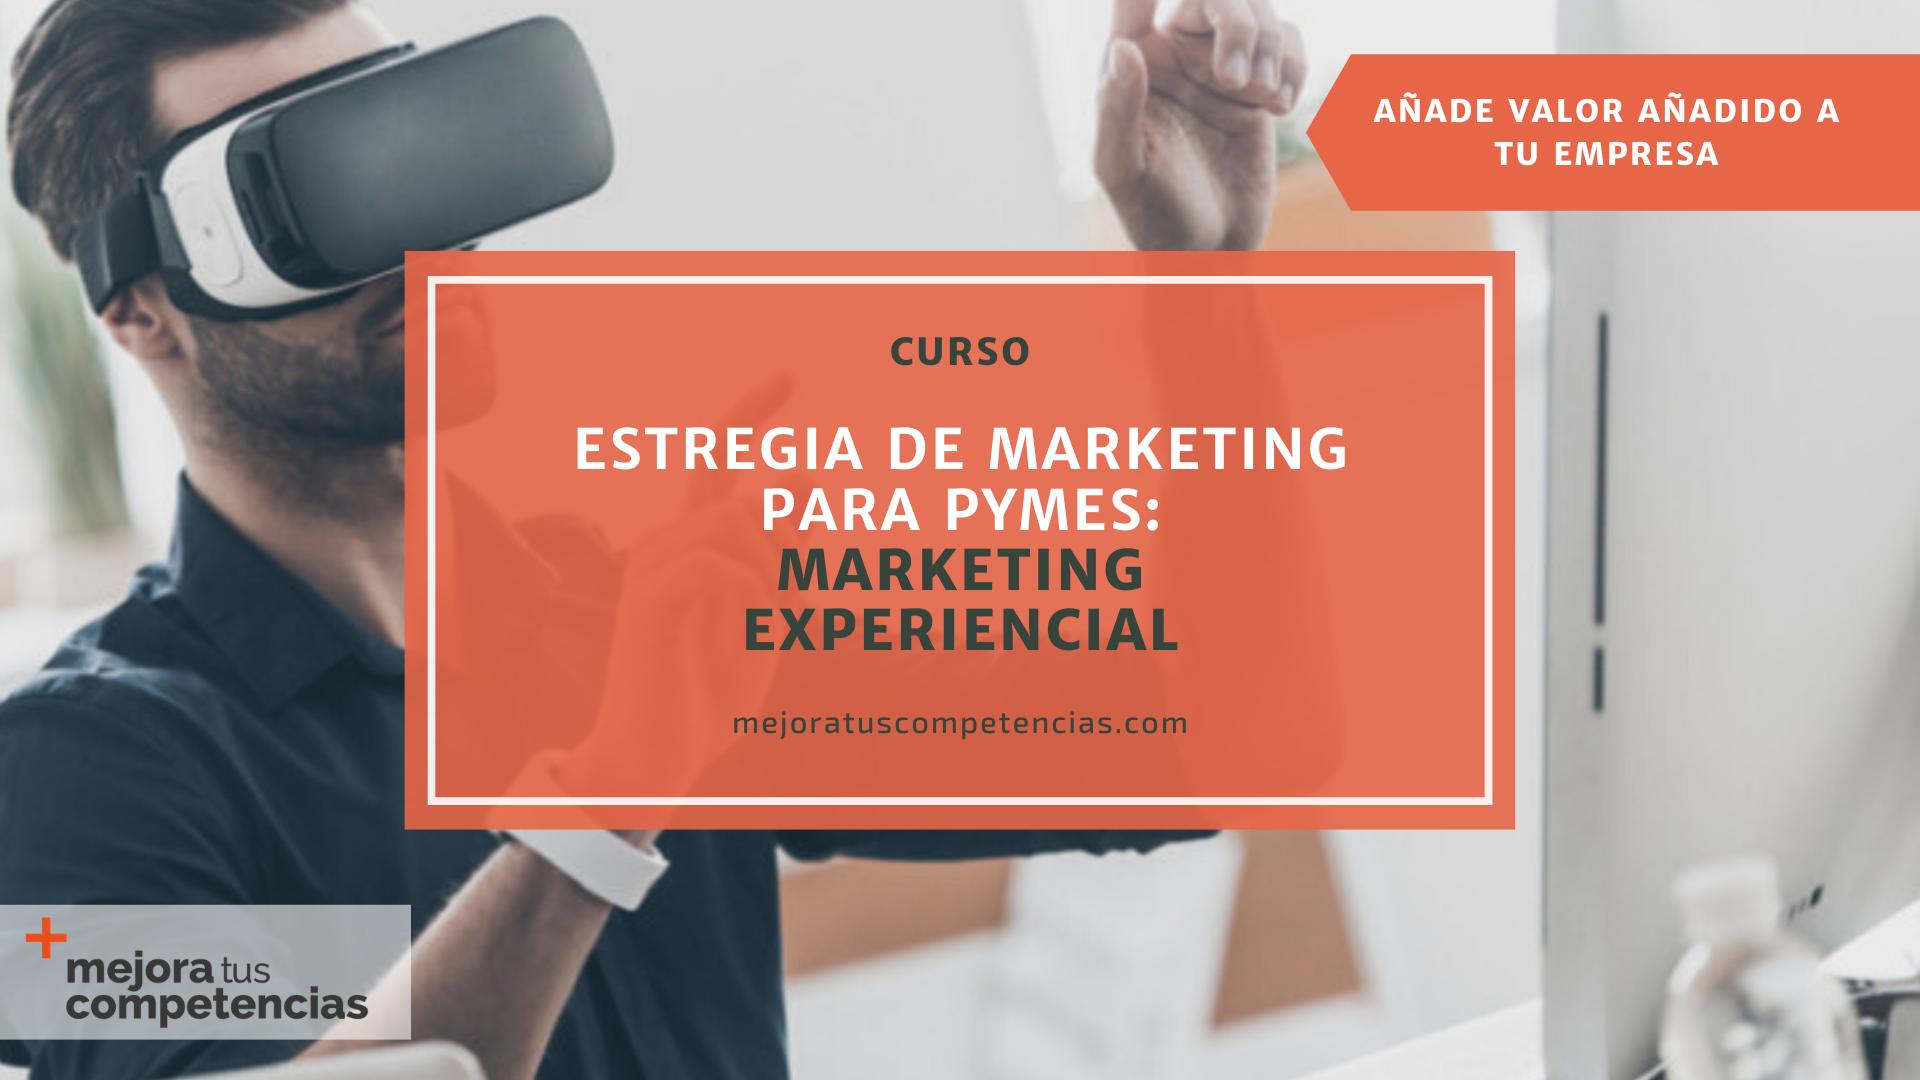 Banner del curso de estrategia de marketing experiencial para pymes